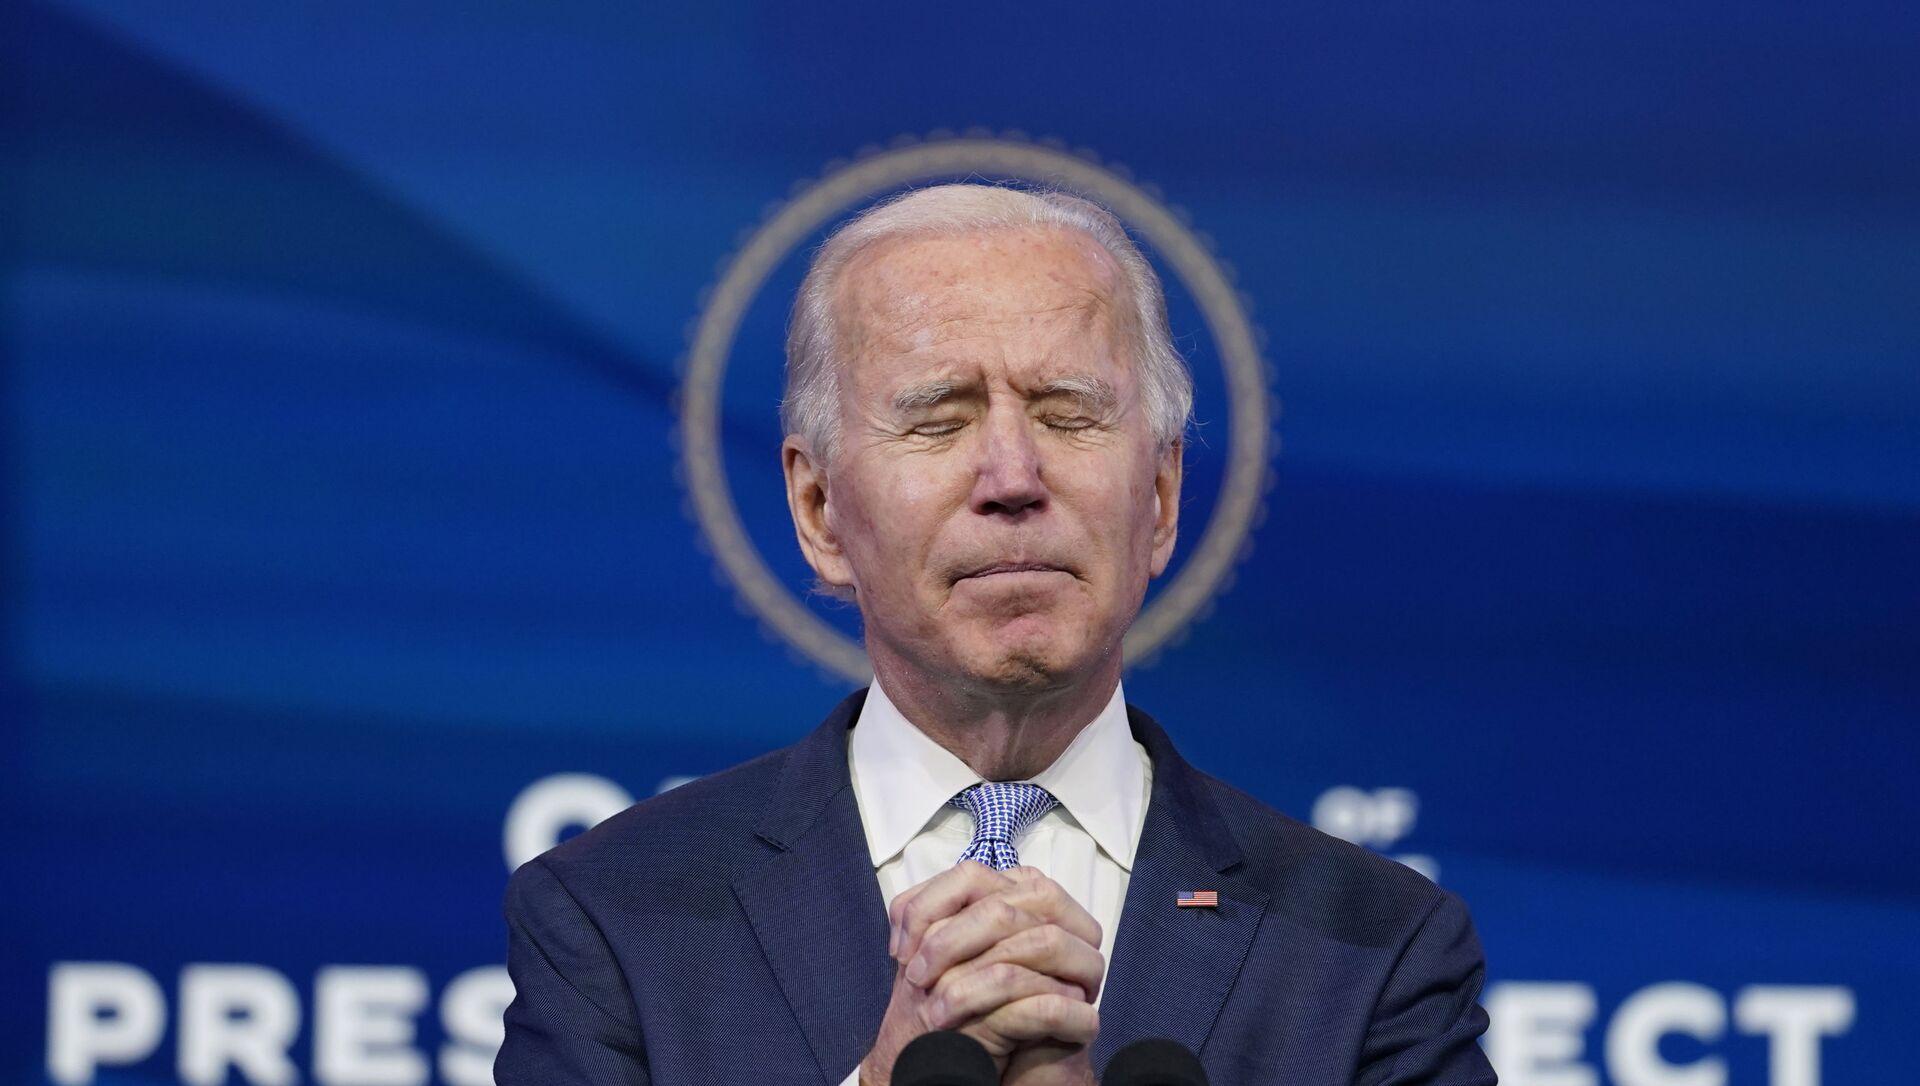 Joe Biden, presidente electo de EEUU - Sputnik Mundo, 1920, 14.01.2021